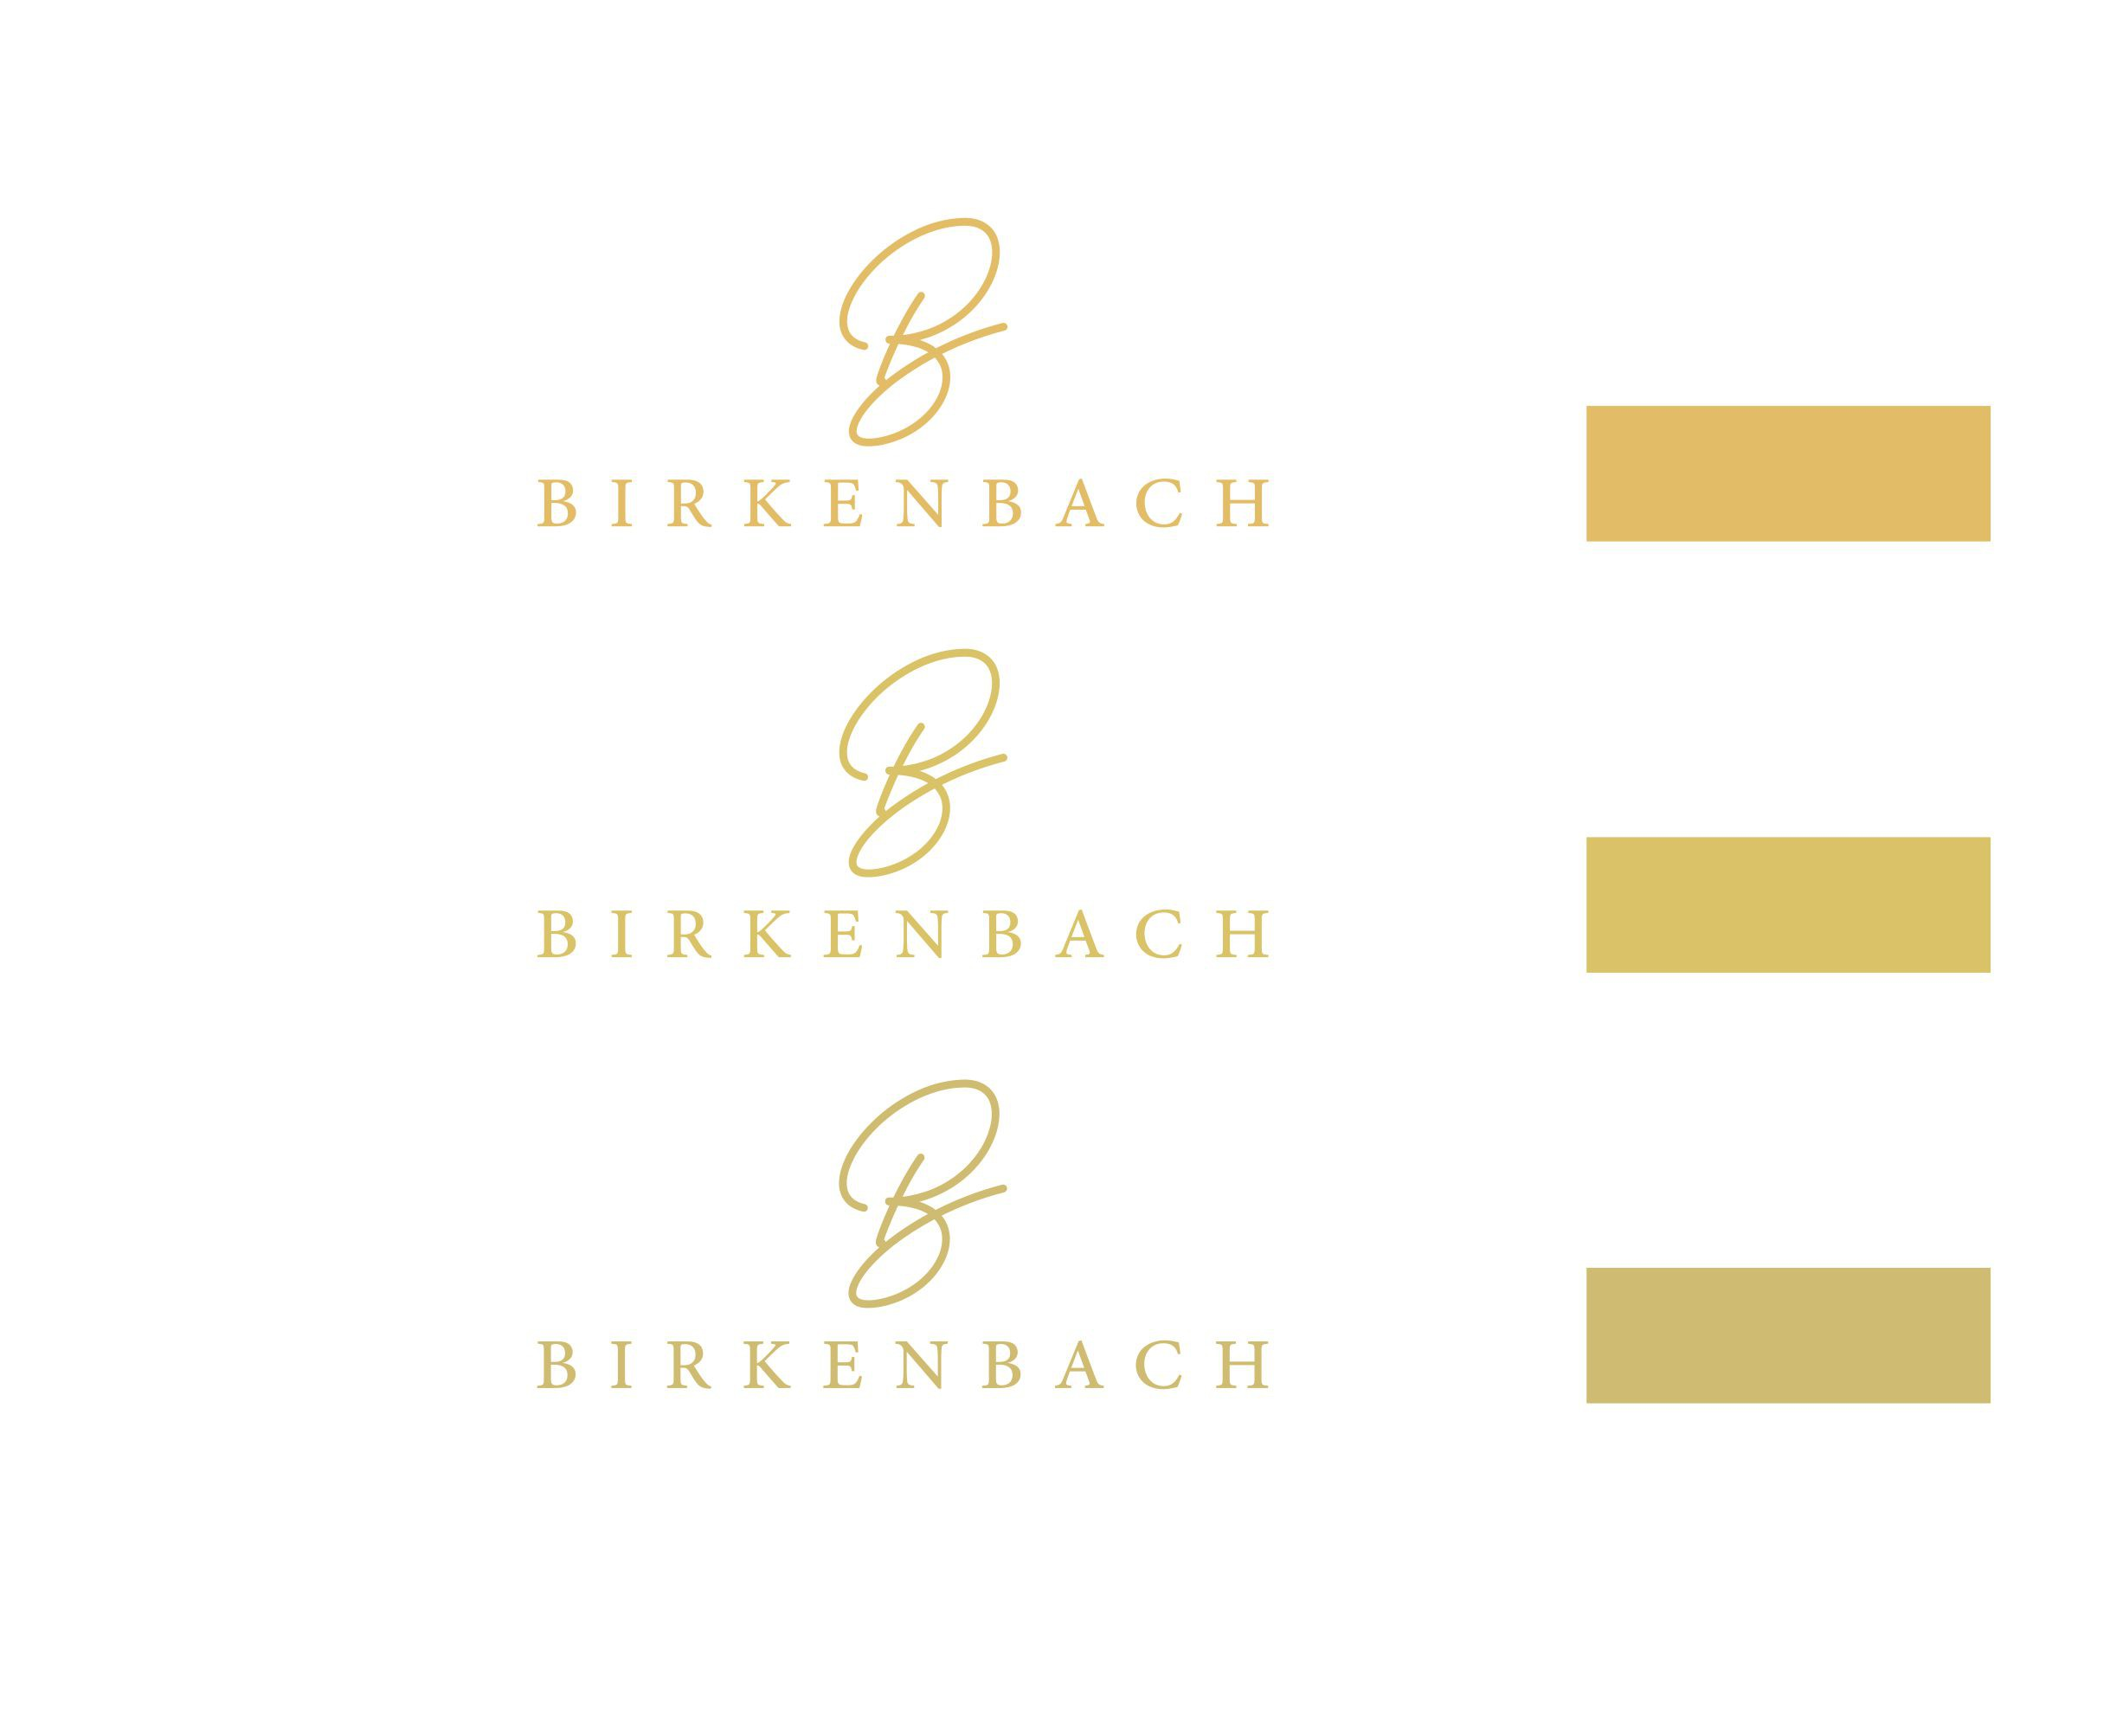 Birkenbach Gesundheit GmbH